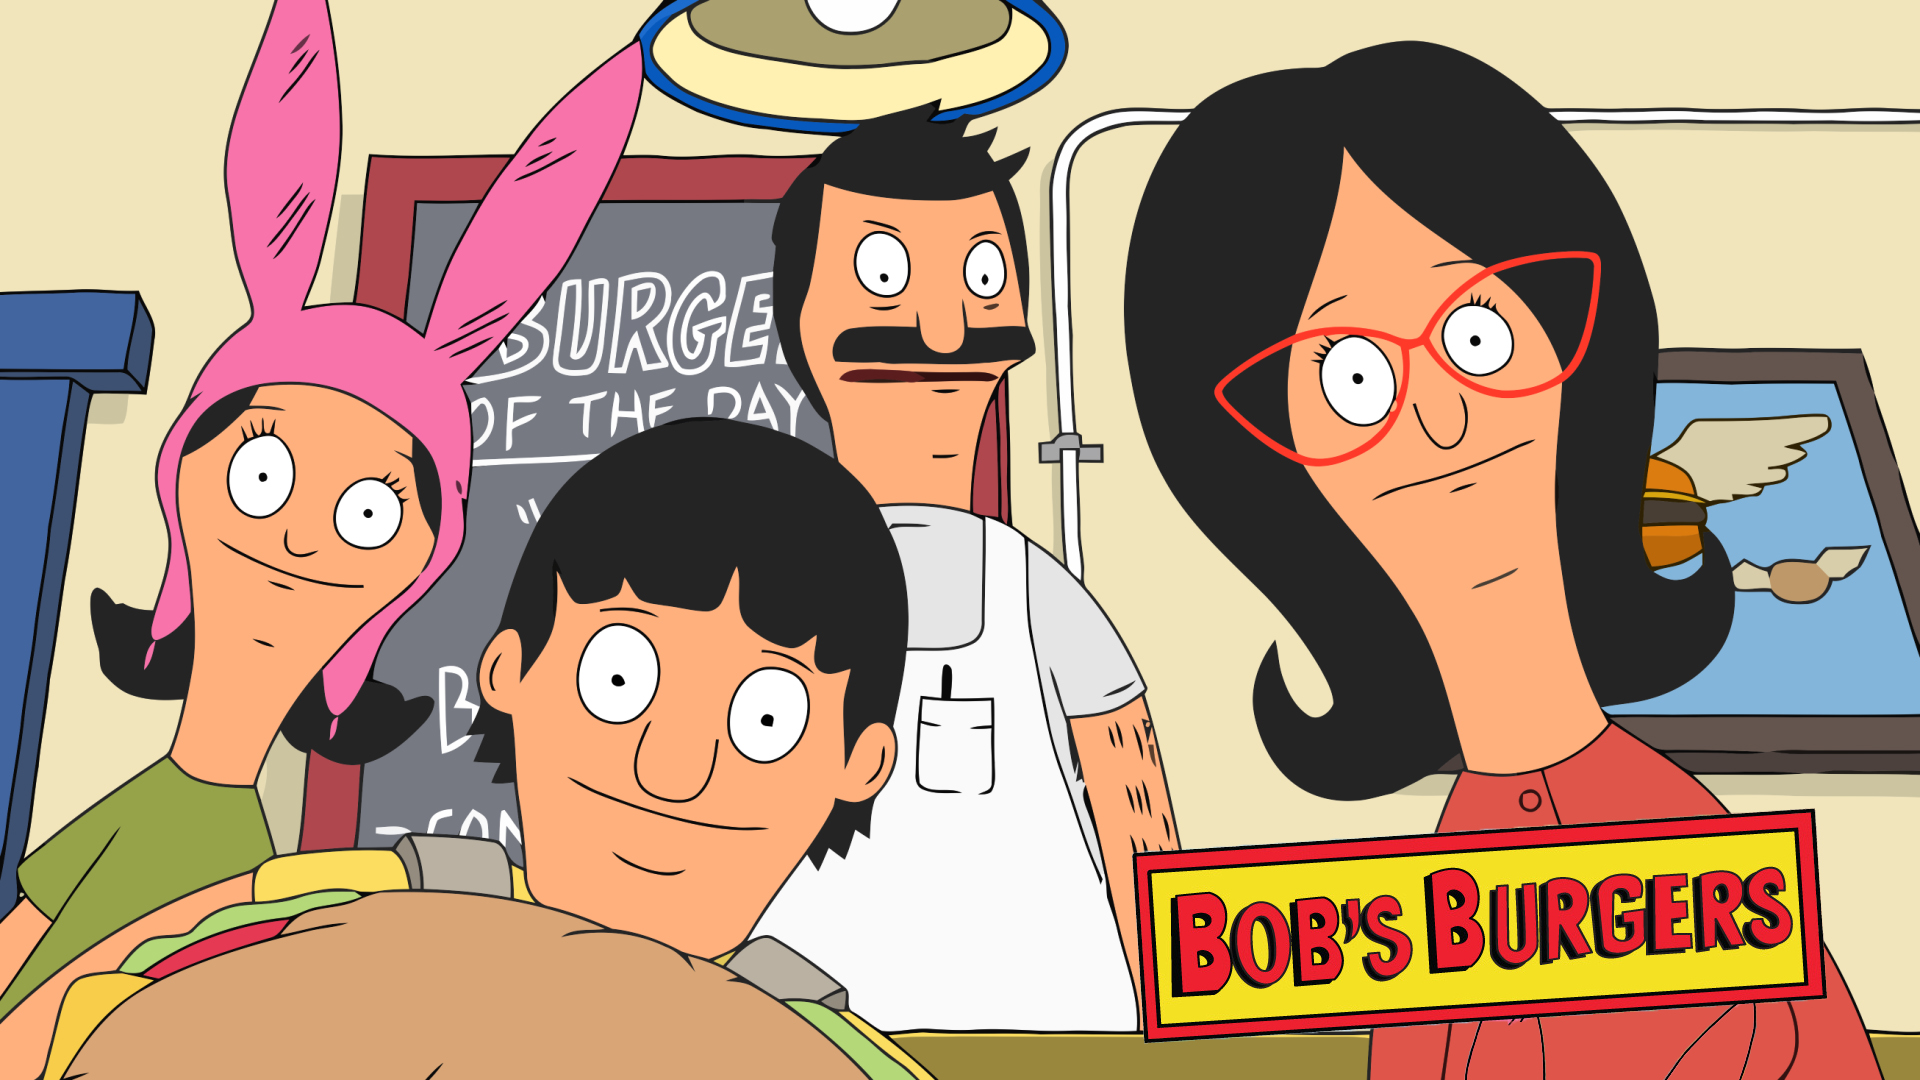 Bob S Burgers Bob S Burgers Wallpaper 38515433 Fanpop